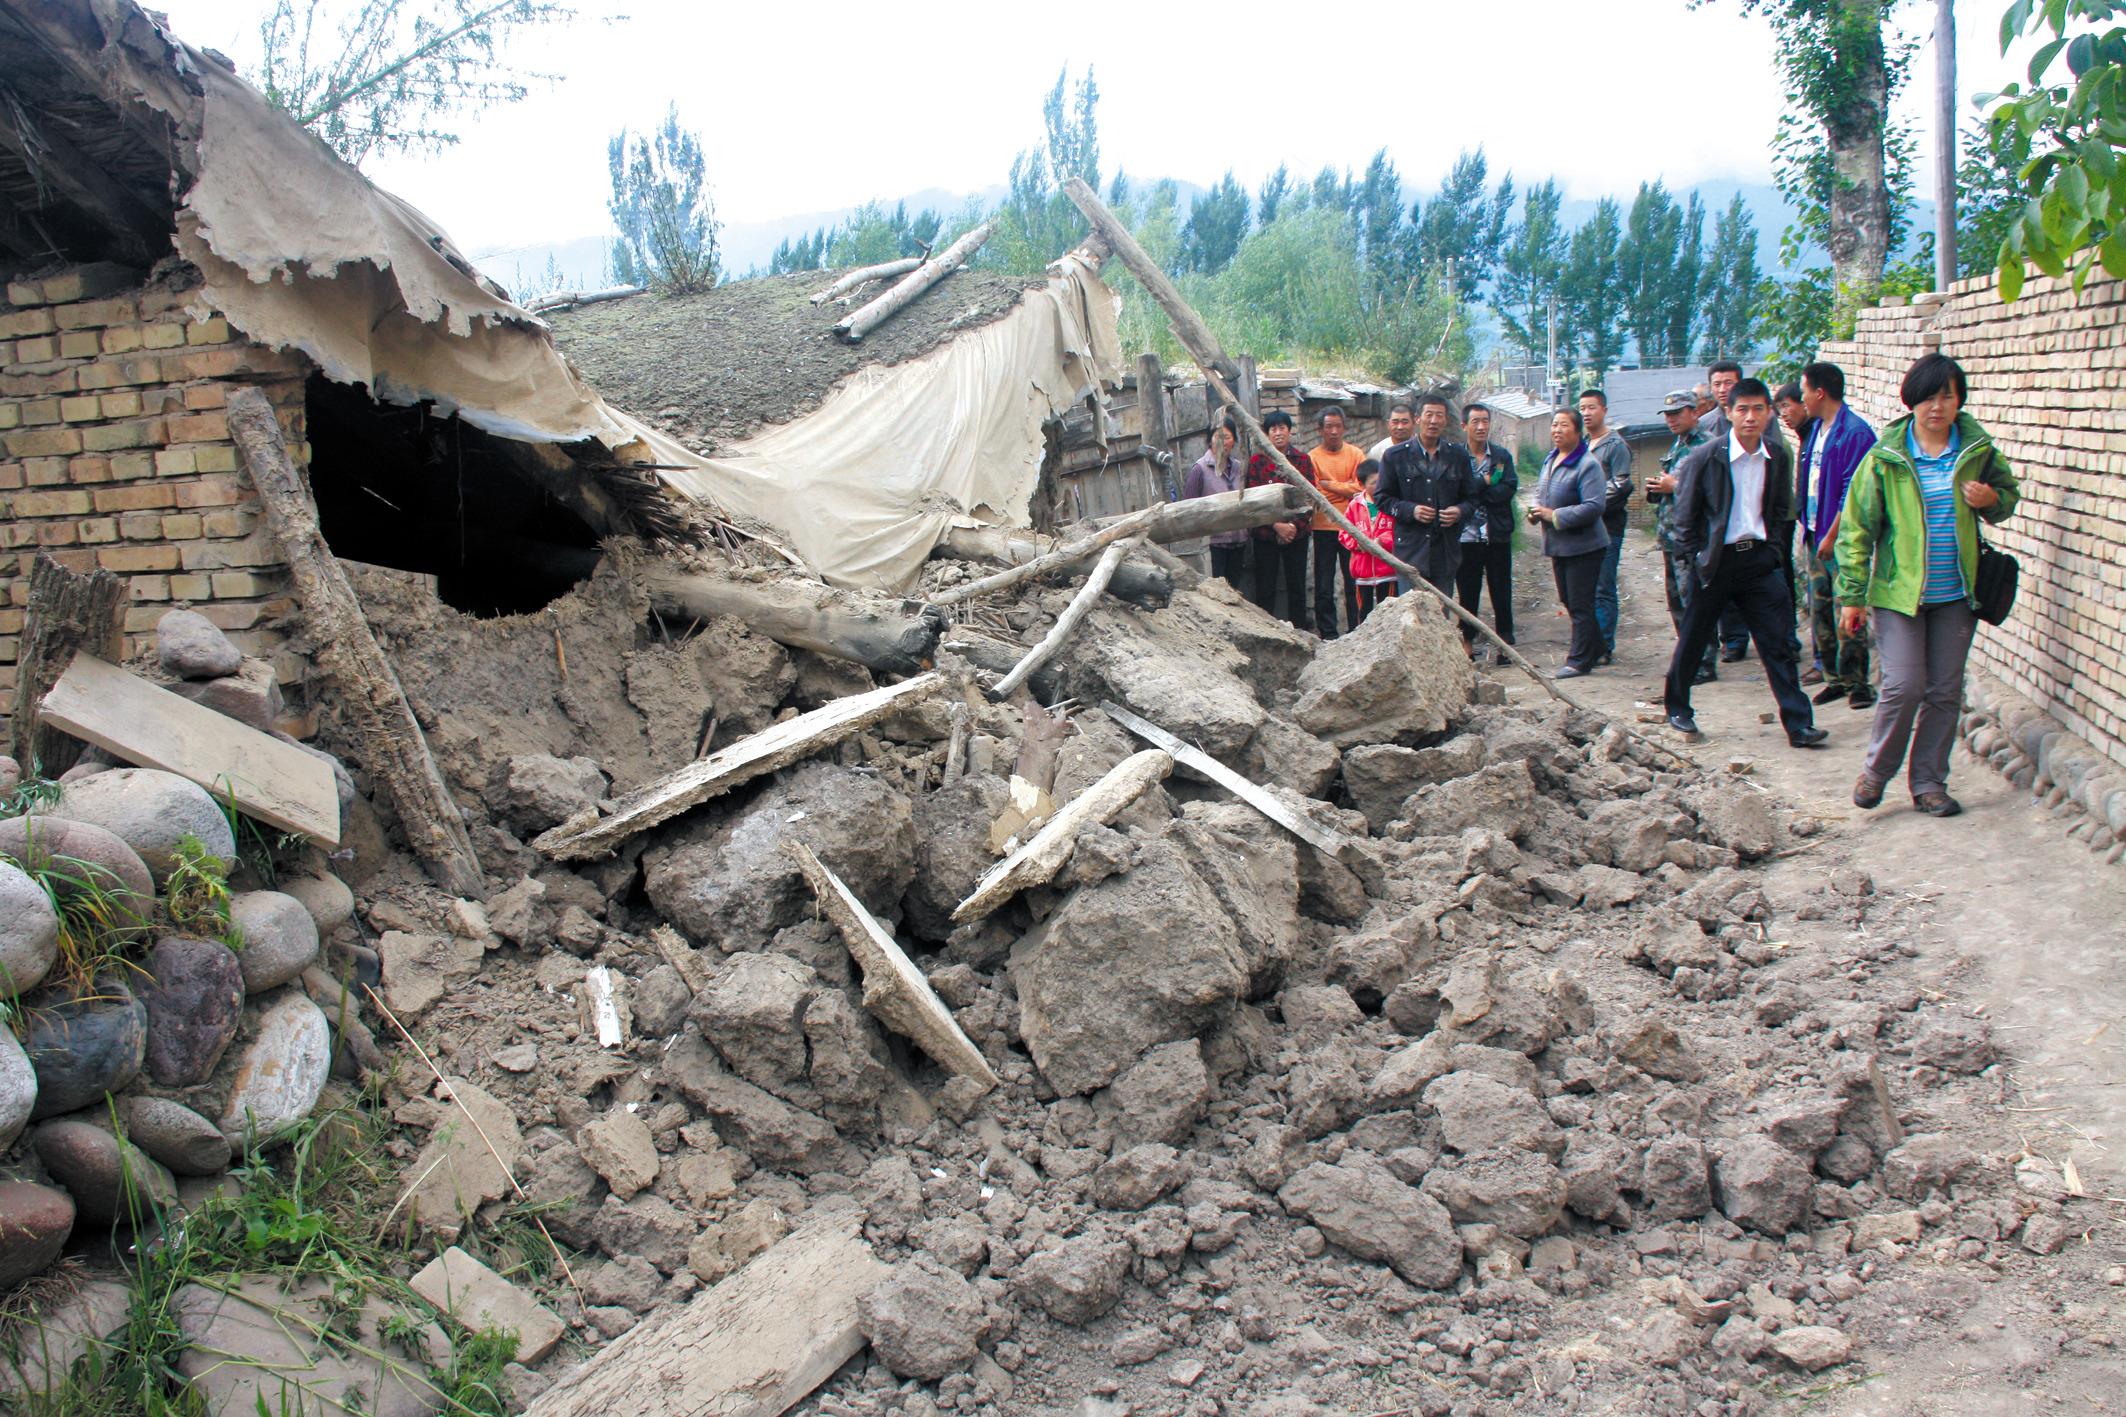 福建莆田发生4.0级地震 系该地本月第6次地震